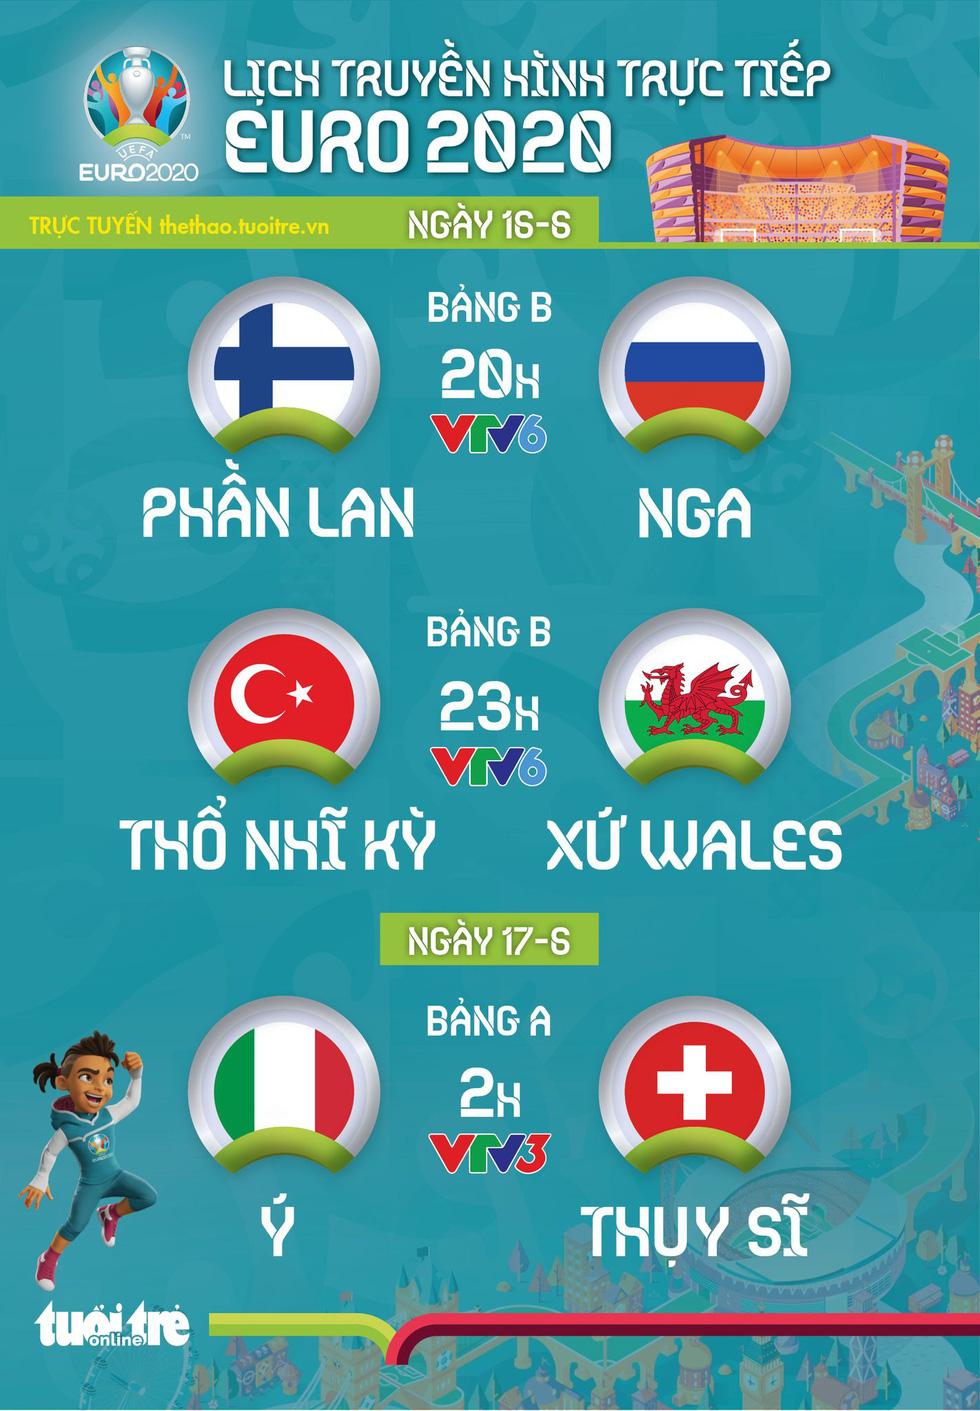 Lịch trực tiếp Euro 2020 ngày 16-6: Phần Lan - Nga, Thổ Nhĩ Kỳ - Xứ Wales, Ý - Thụy Sĩ - Ảnh 1.